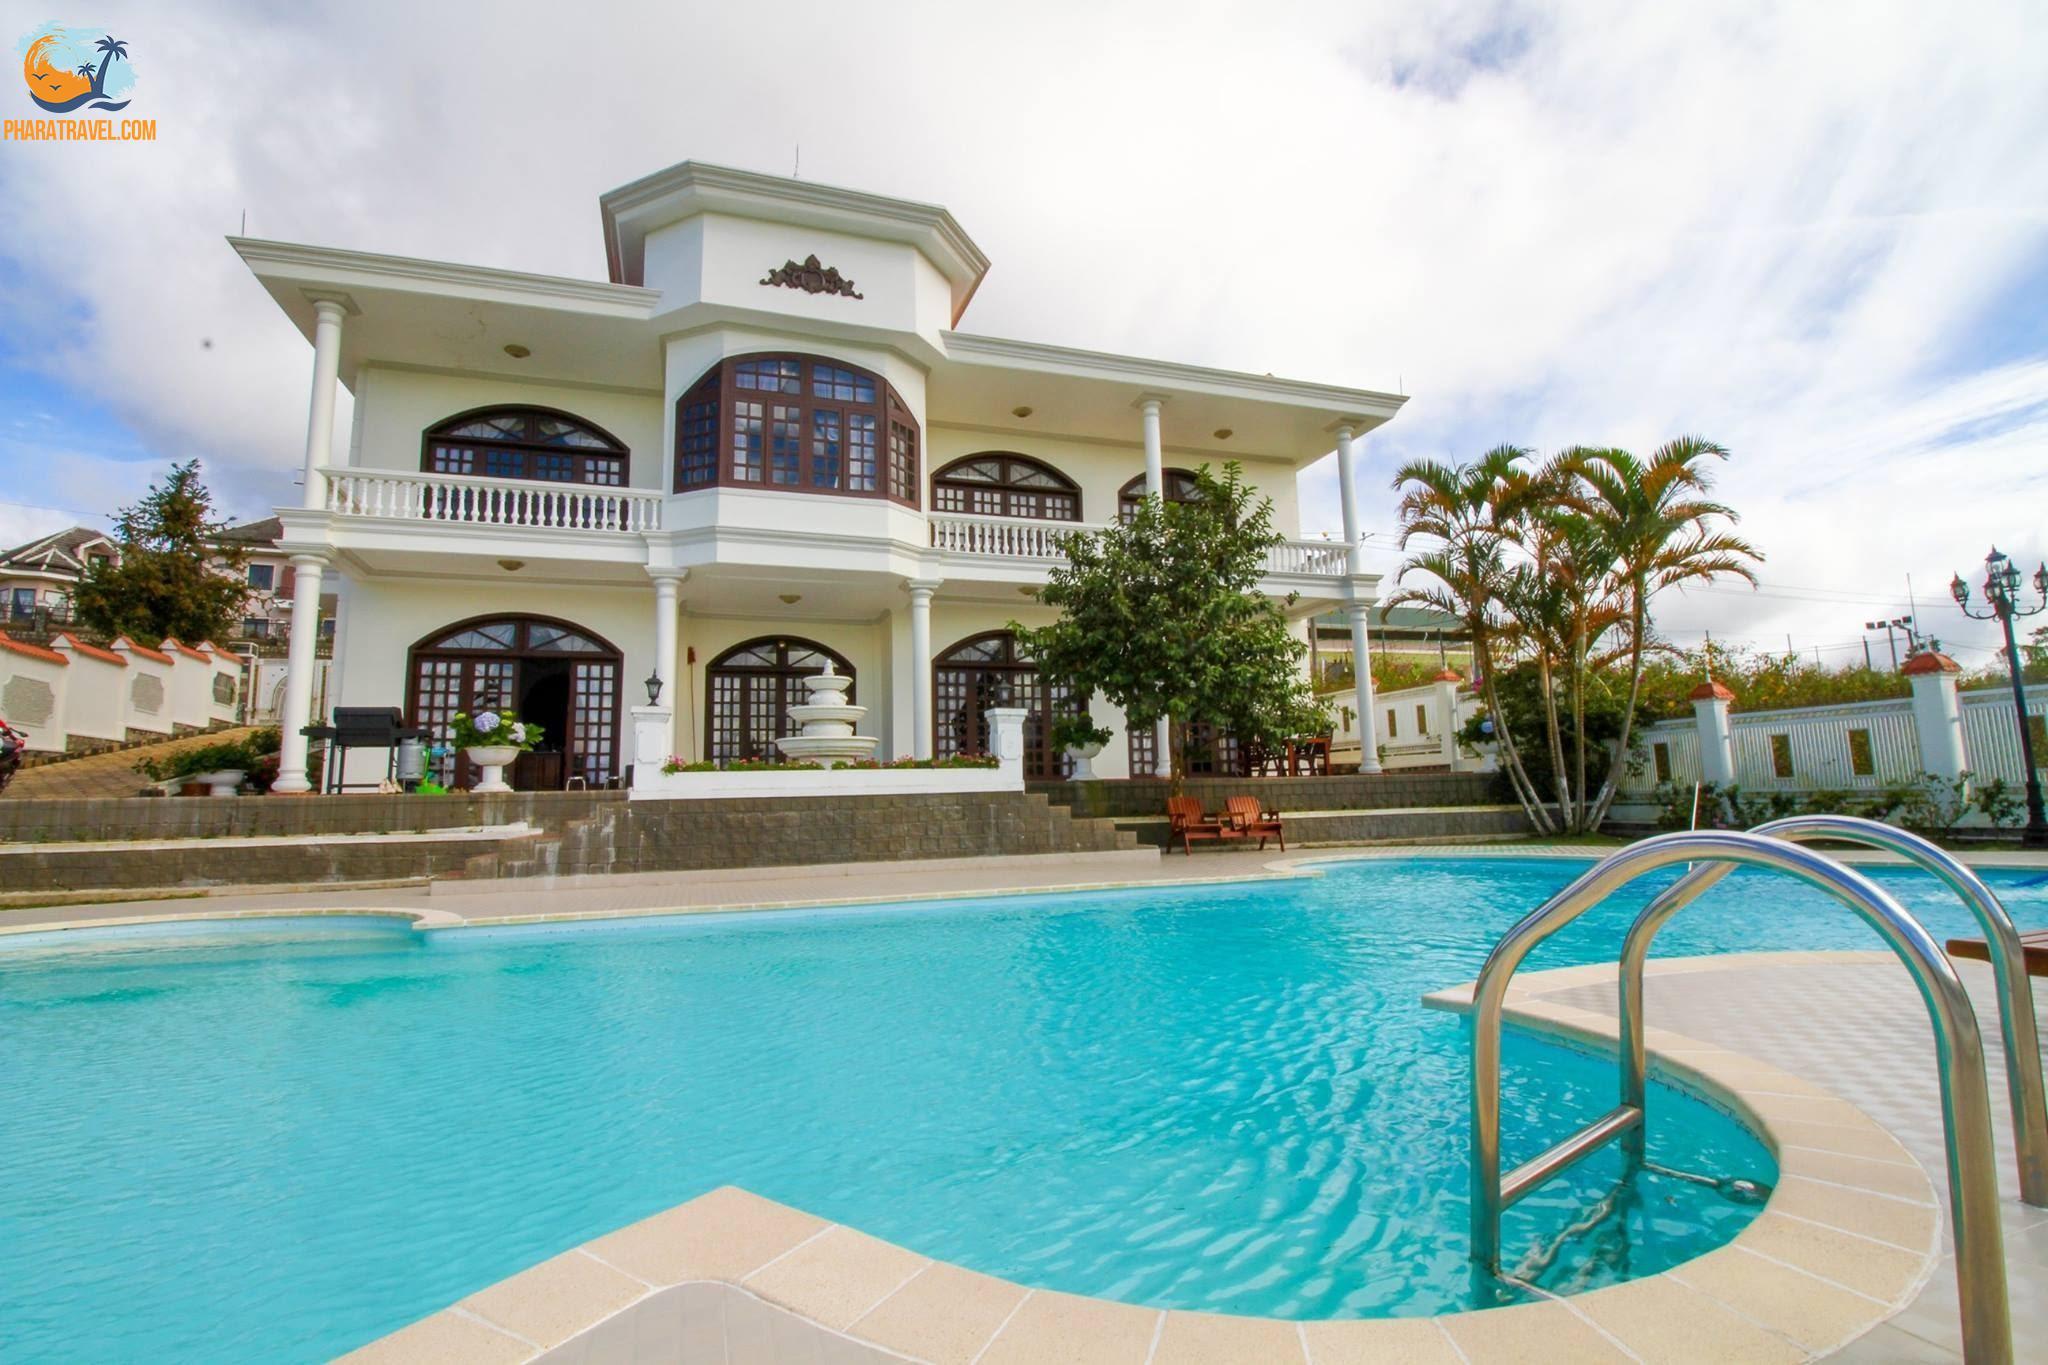 Top 10 Biệt thự villa Đà Lạt giá rẻ view đẹp cho thuê du lịch ngắn ngày